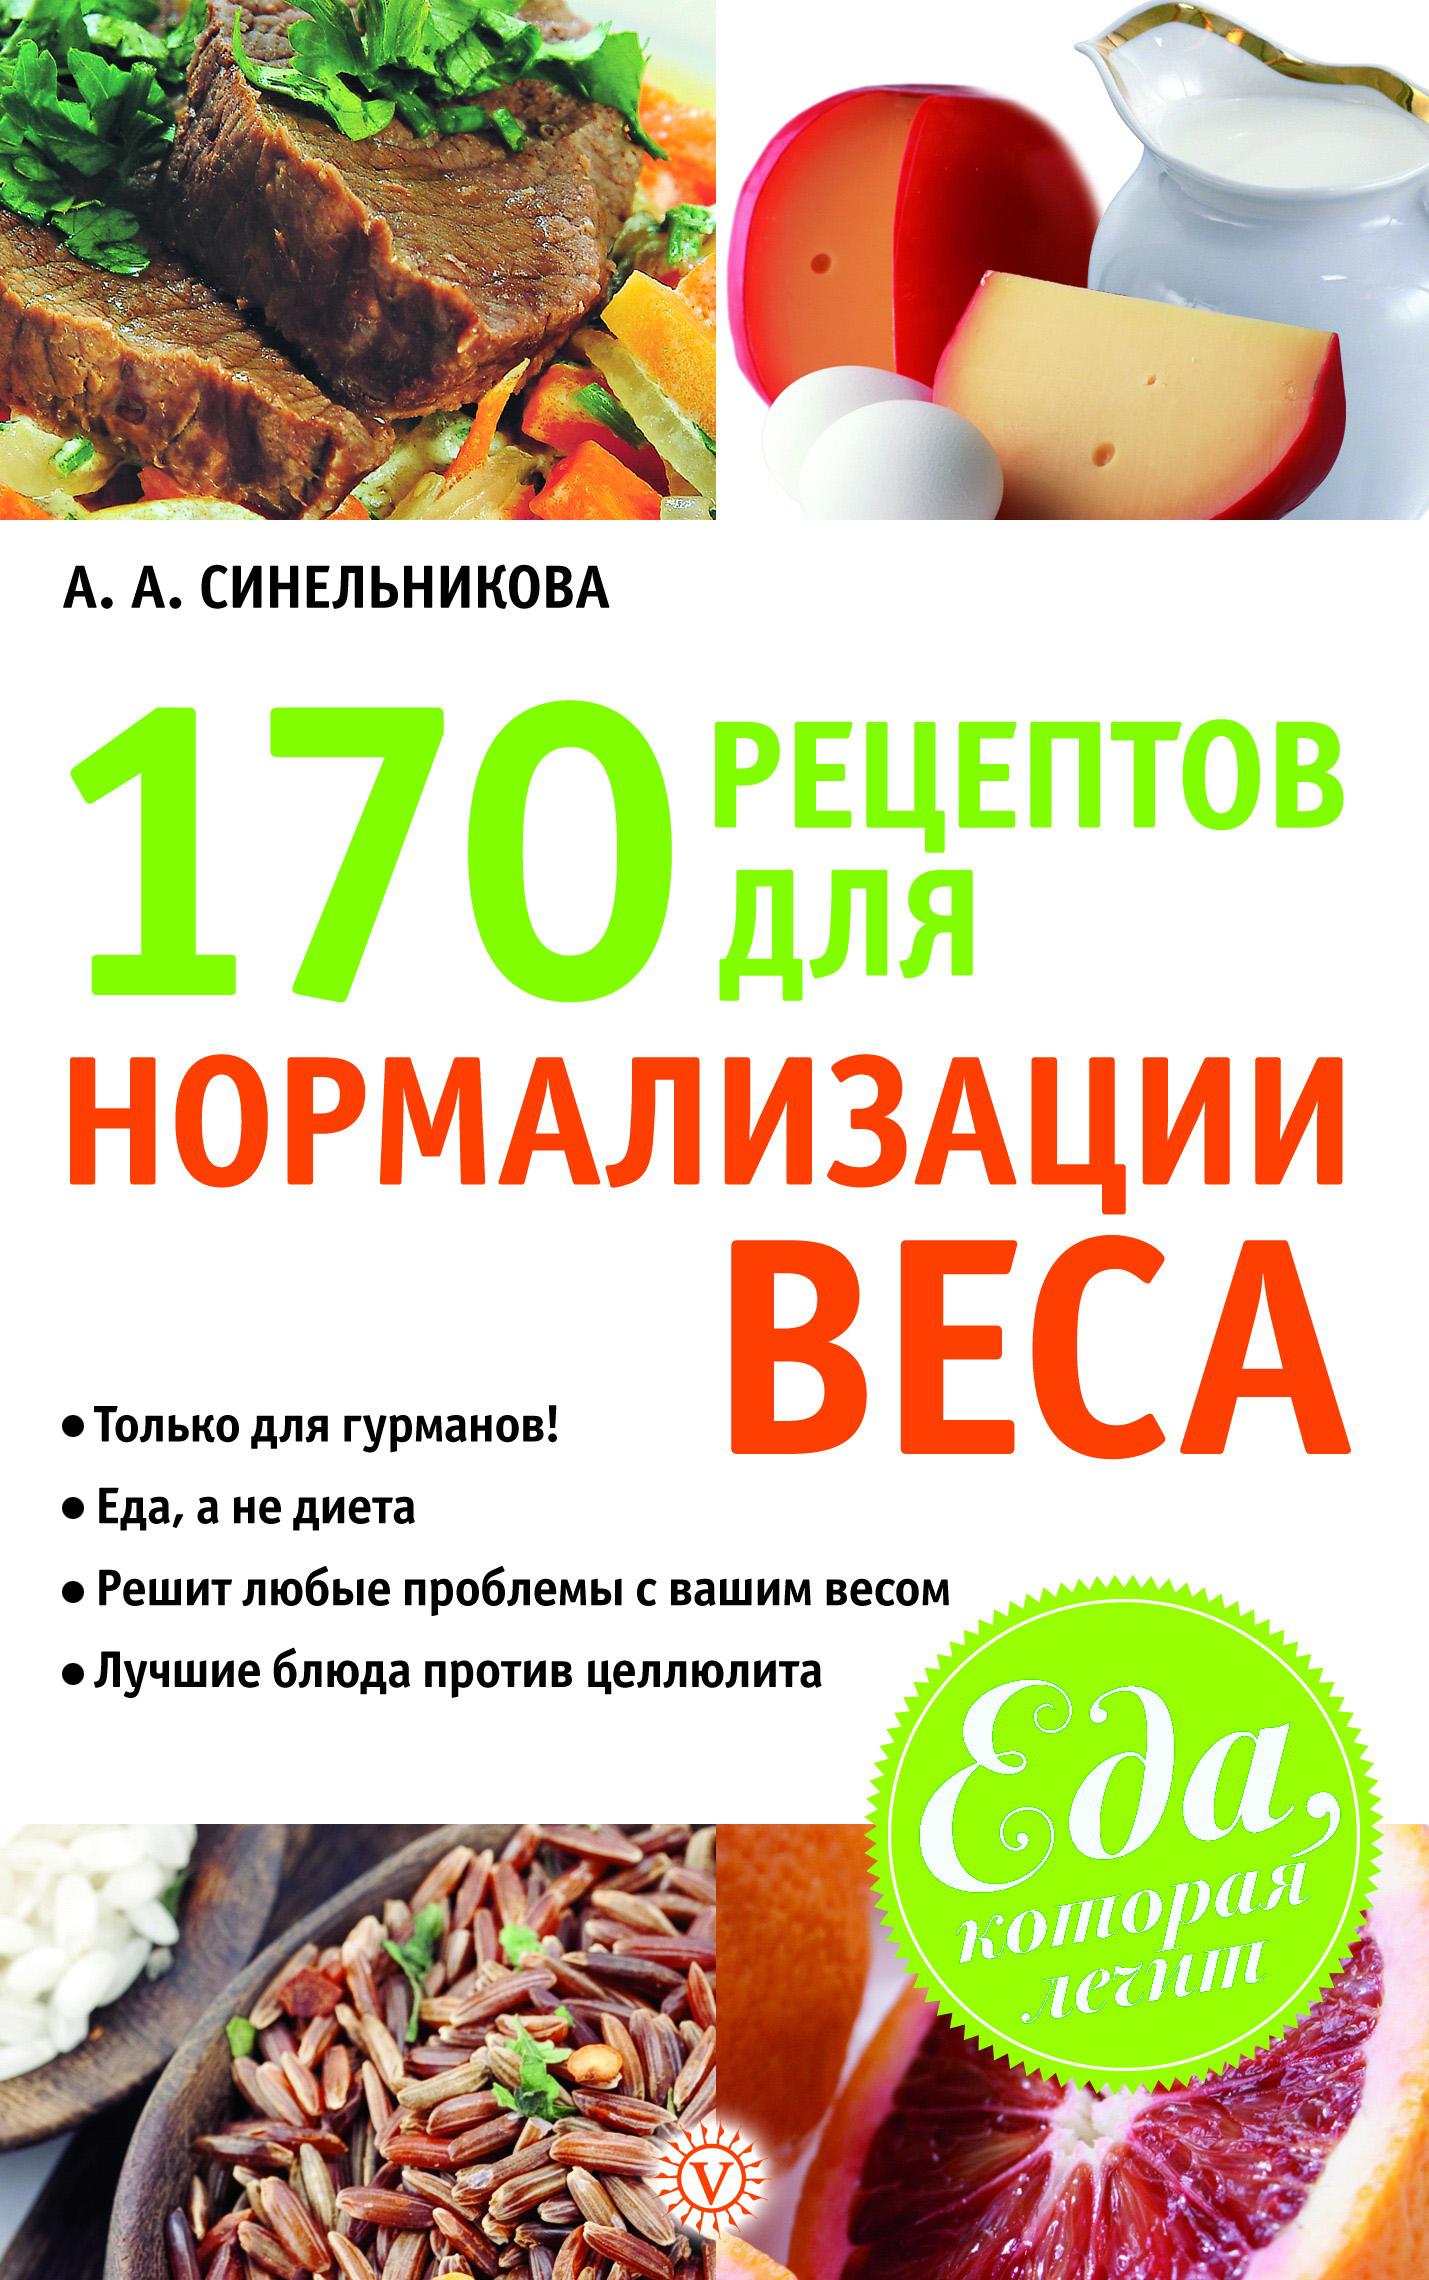 А. А. Синельникова 170 рецептов для нормализации веса а а синельникова 220 рецептов для здоровья женщины